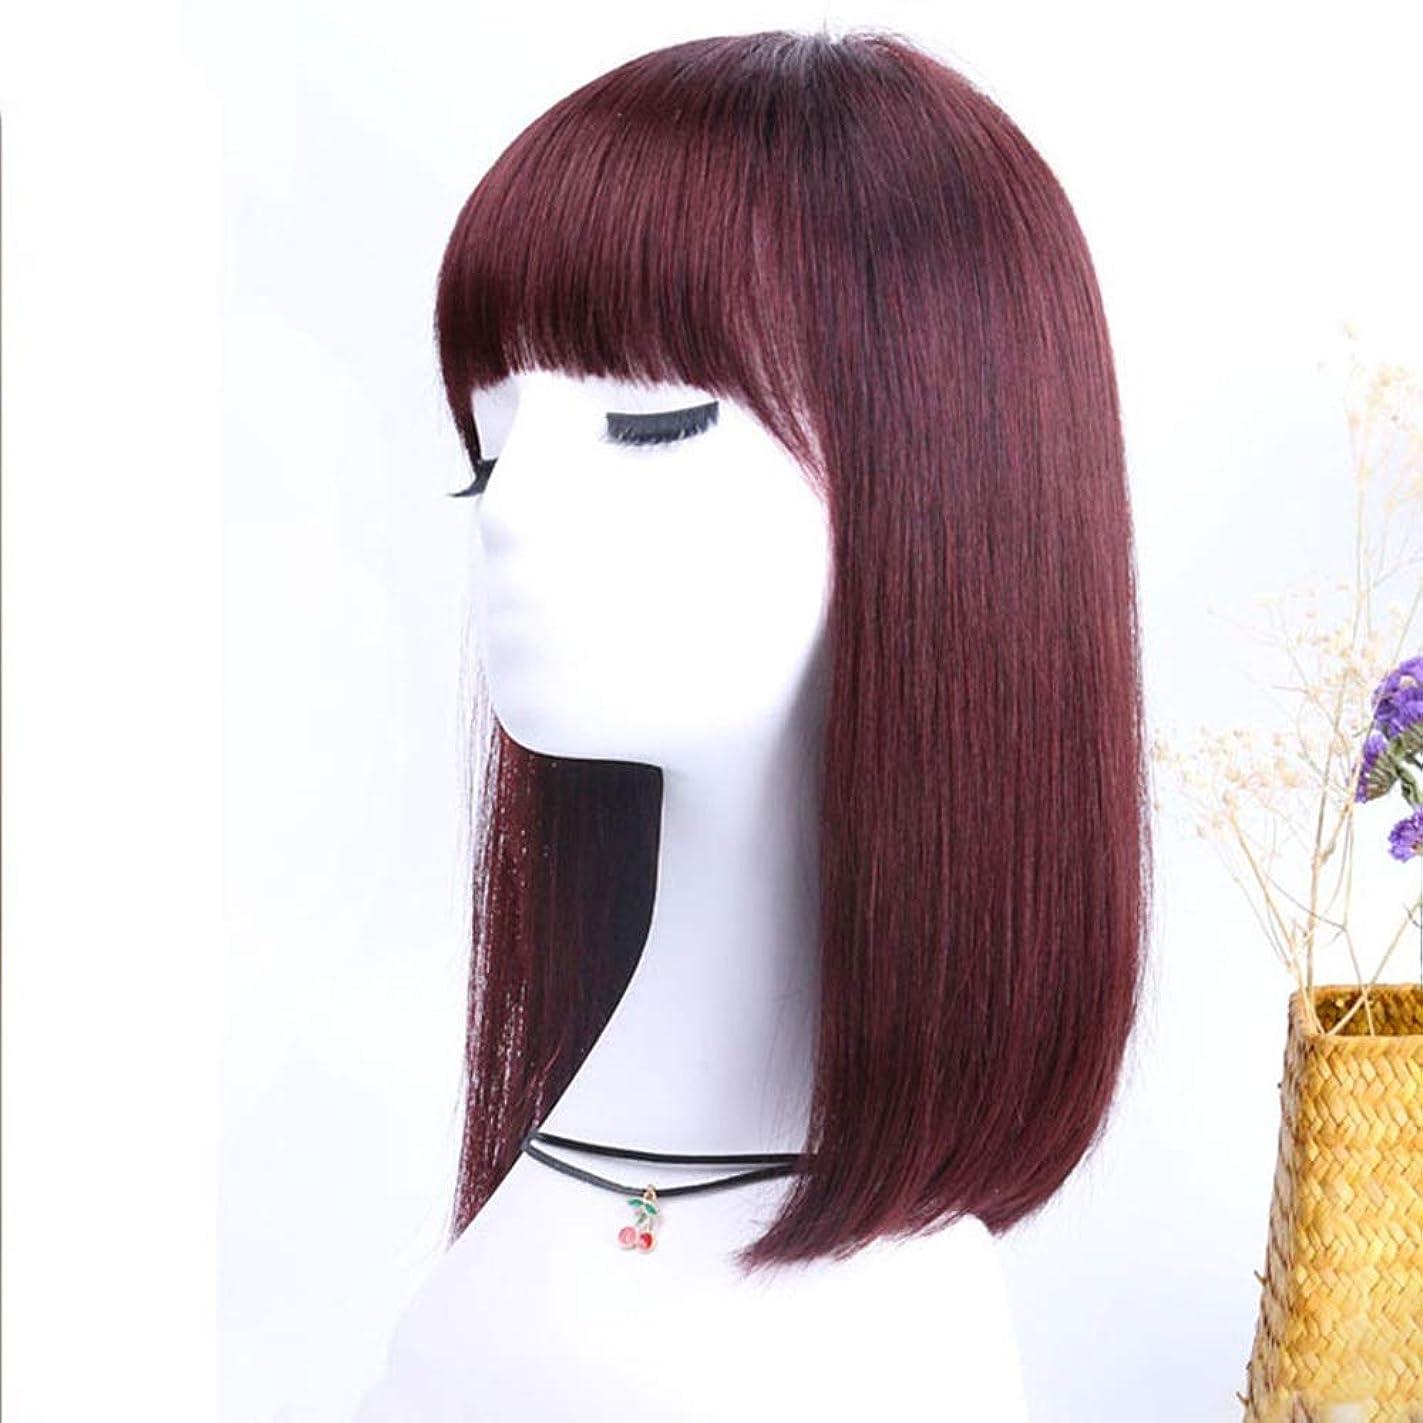 劣るモーテルブレースHOHYLLYA 本物の人間の髪の毛のかつらかつら肩ストレートインサイドバックルペアーヘッド用女性パーティー日常服パーティーかつら (色 : Natural black)